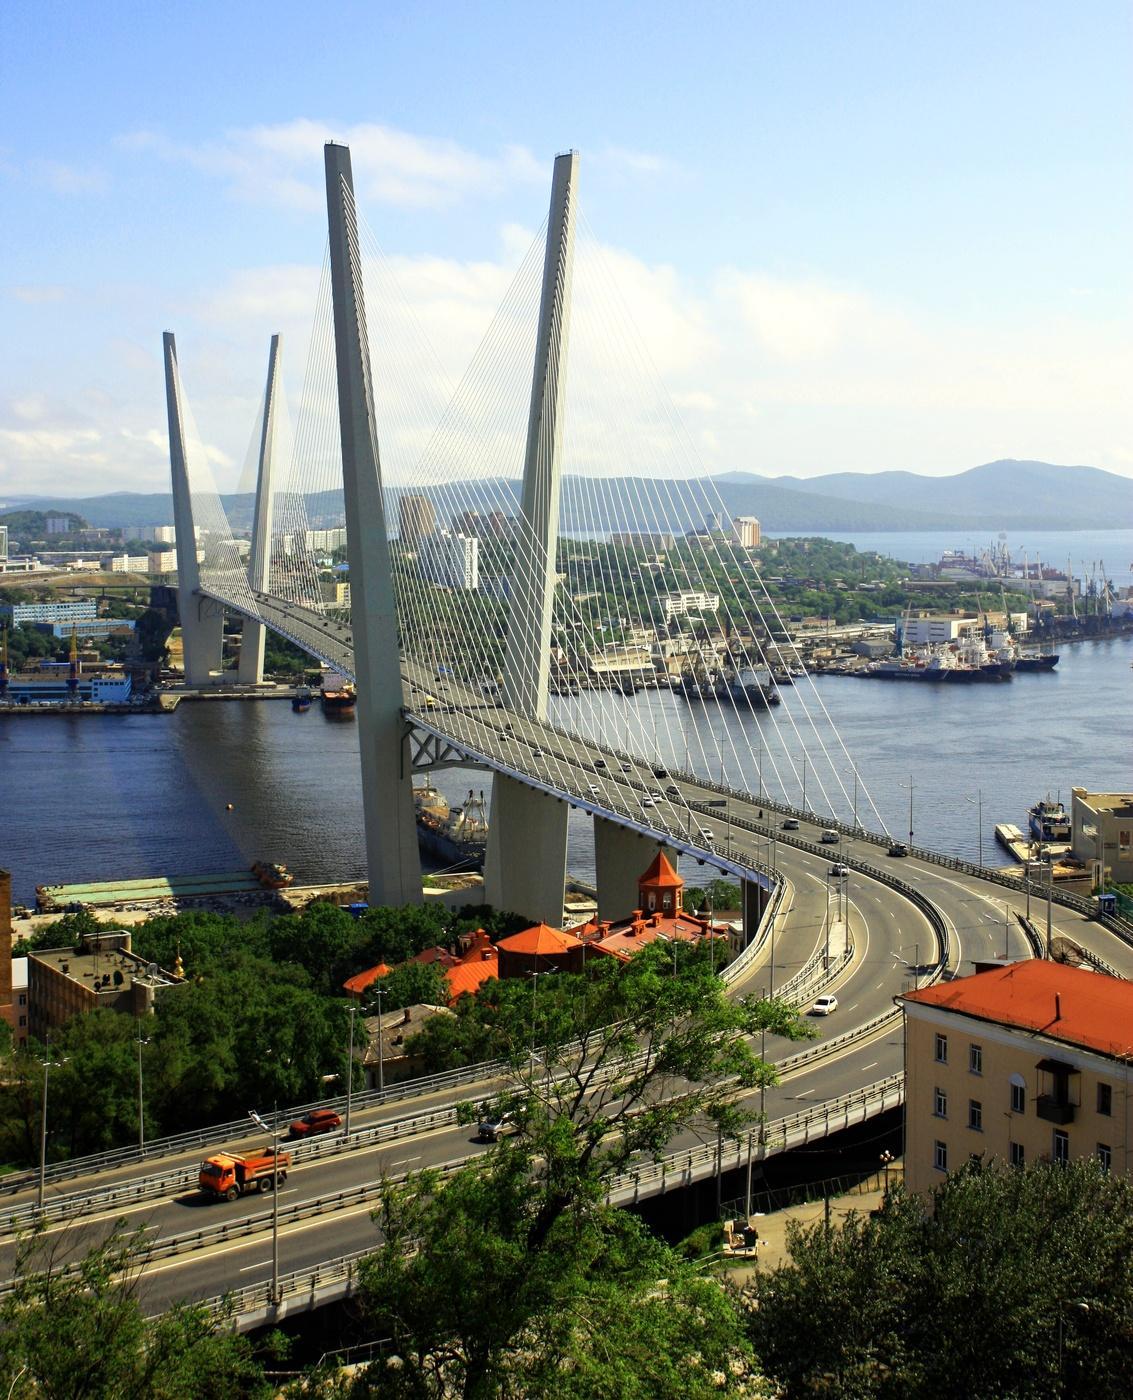 интересуют фото и картинки нашего города владивостока мосты самых насущных проблем